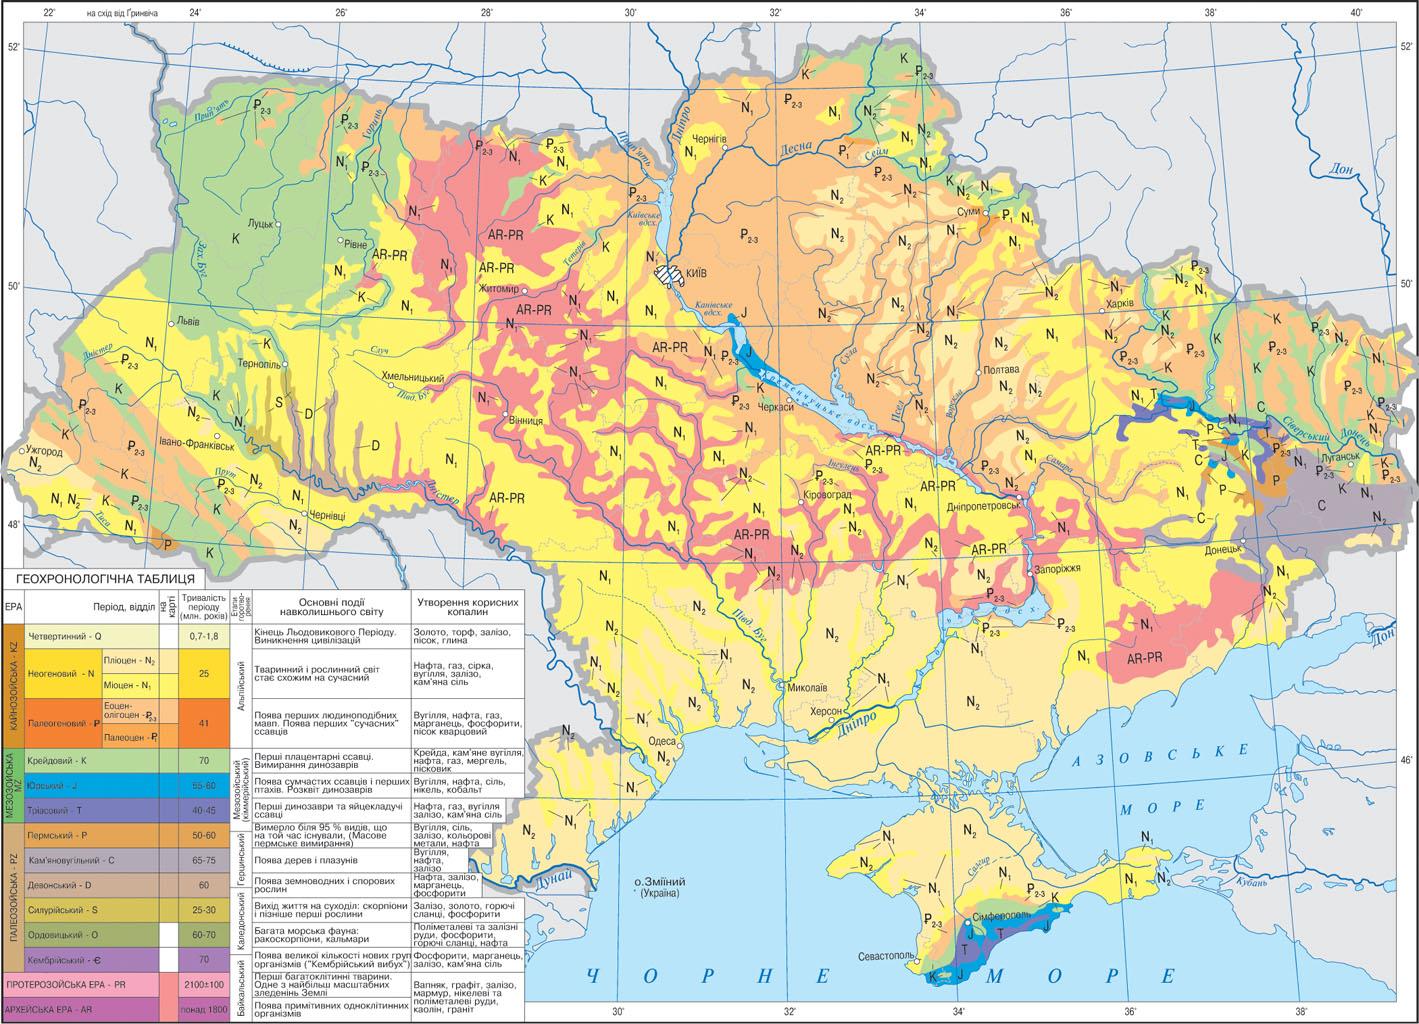 Геохронологическая карта Украины